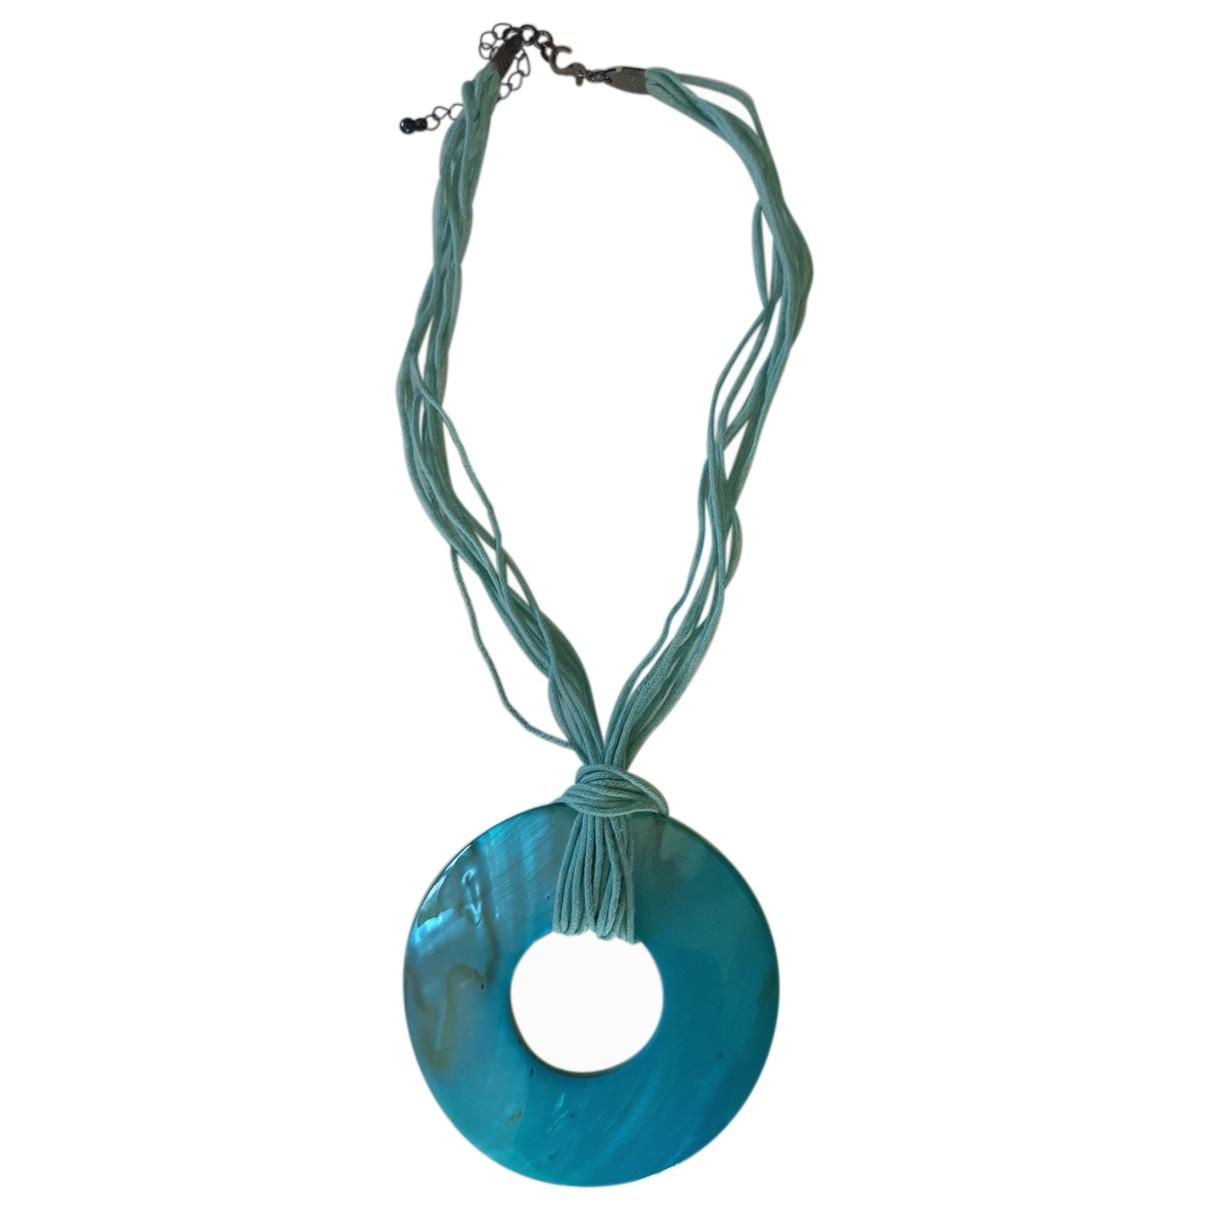 Collar Turquoises de Lona Non Signe / Unsigned